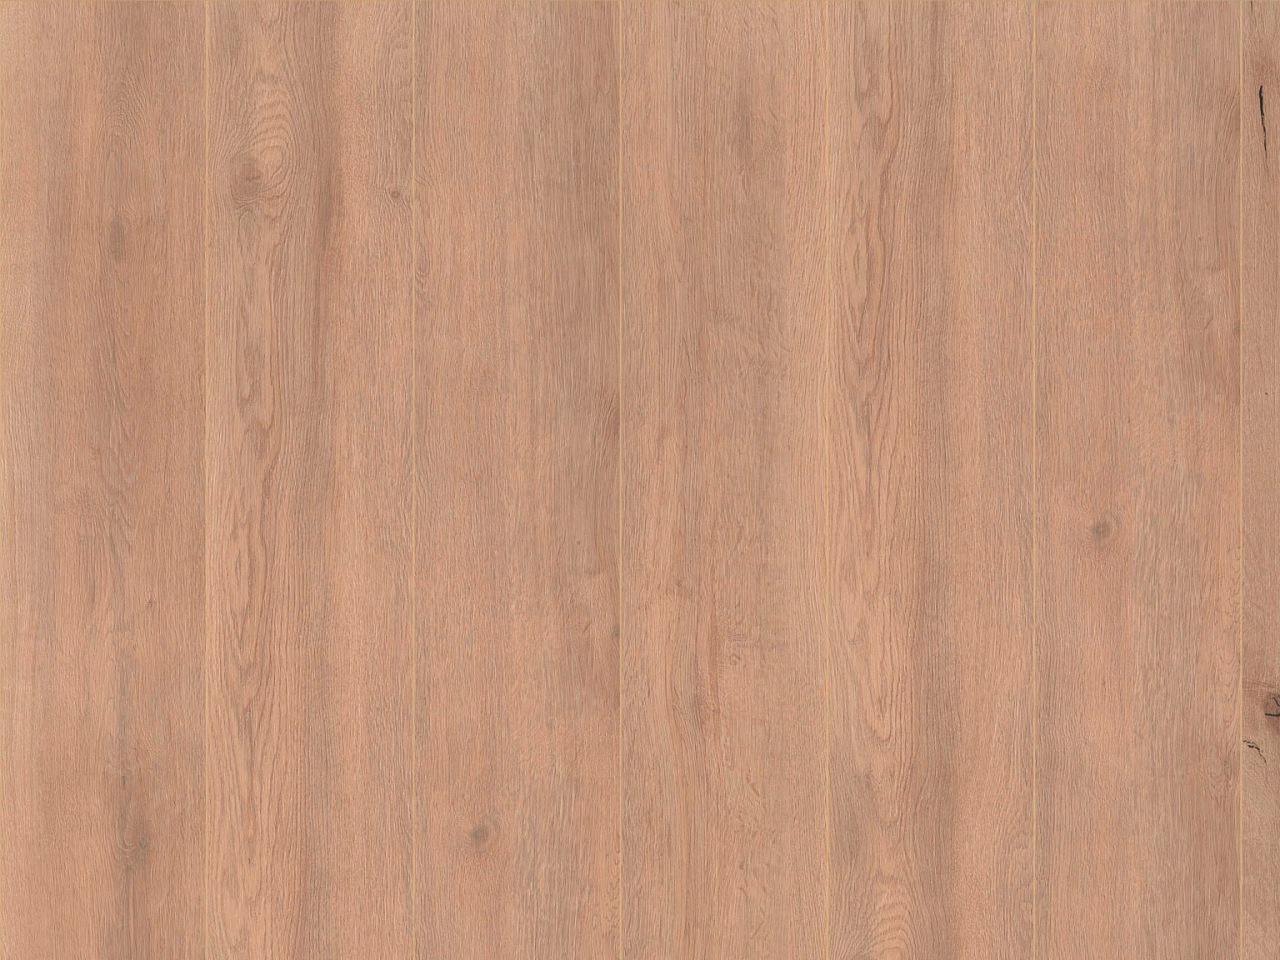 Laminatboden Oak Gallery Format L – Glossy Oak Beige, LV4180